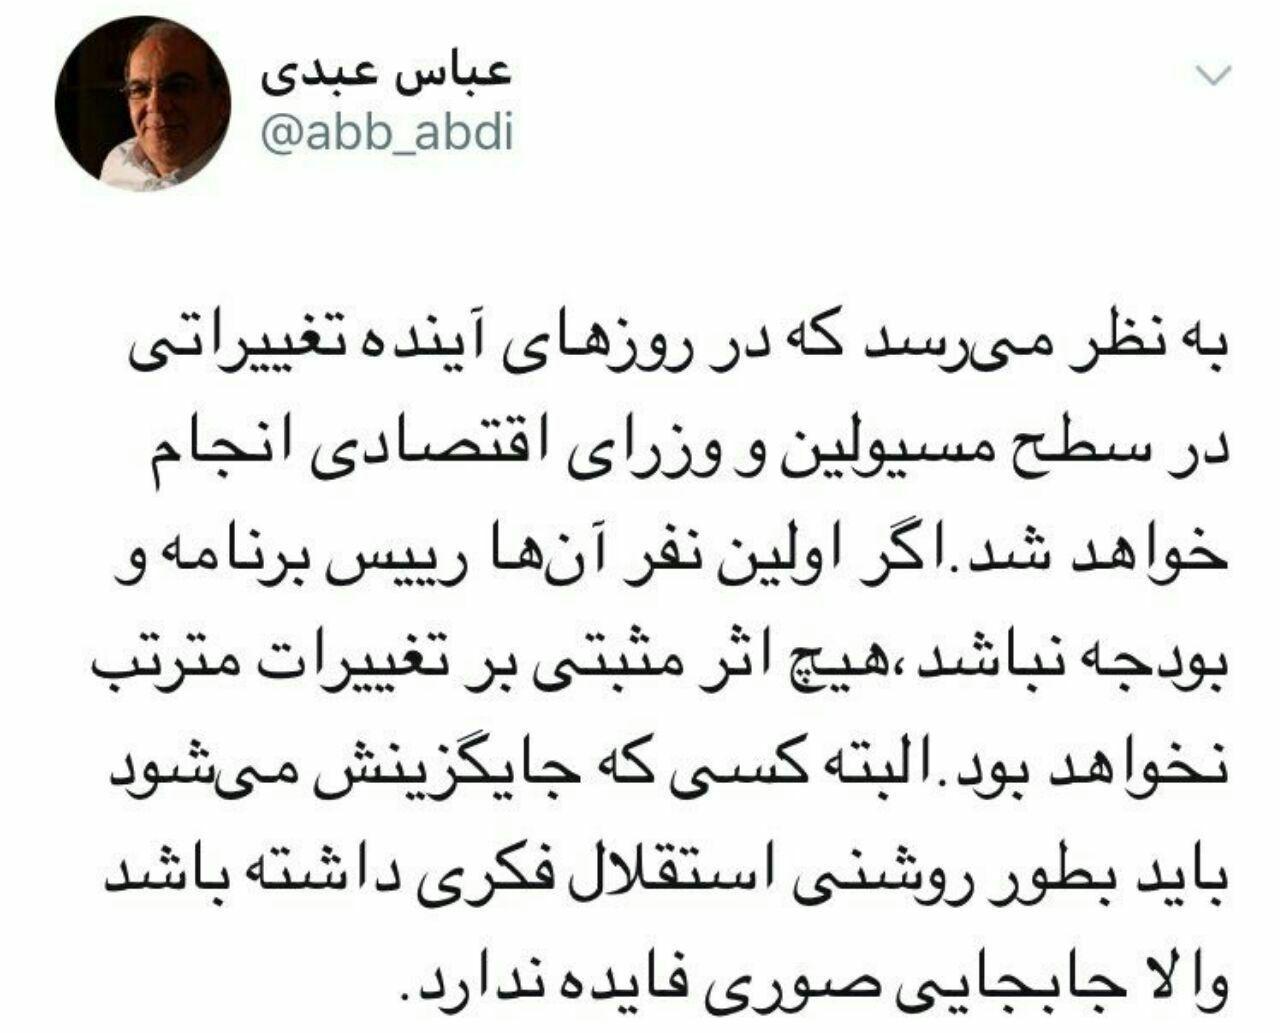 عباس عبدی: بزودی تغییر تیم اقتصادی دولت آغاز میشود؛ اما اگر اولین نفر آن